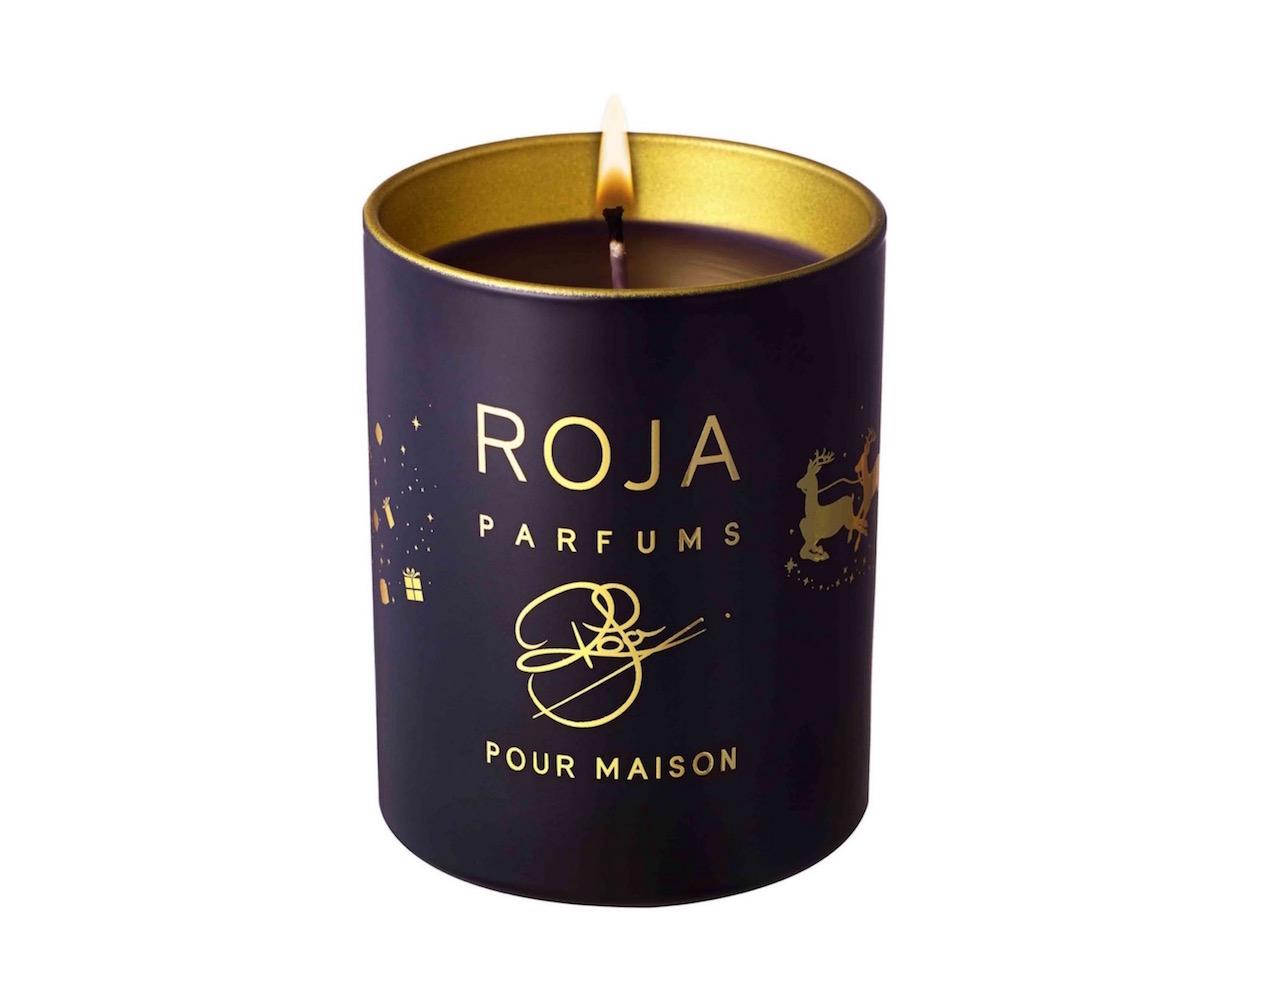 Vánoční svíčka Roja svádí od prvního okamžiku smyslnou směsicí jedlového balzámu, borovice, perníku, skořice, cedrového dřeva, vetiveru a kadidla.